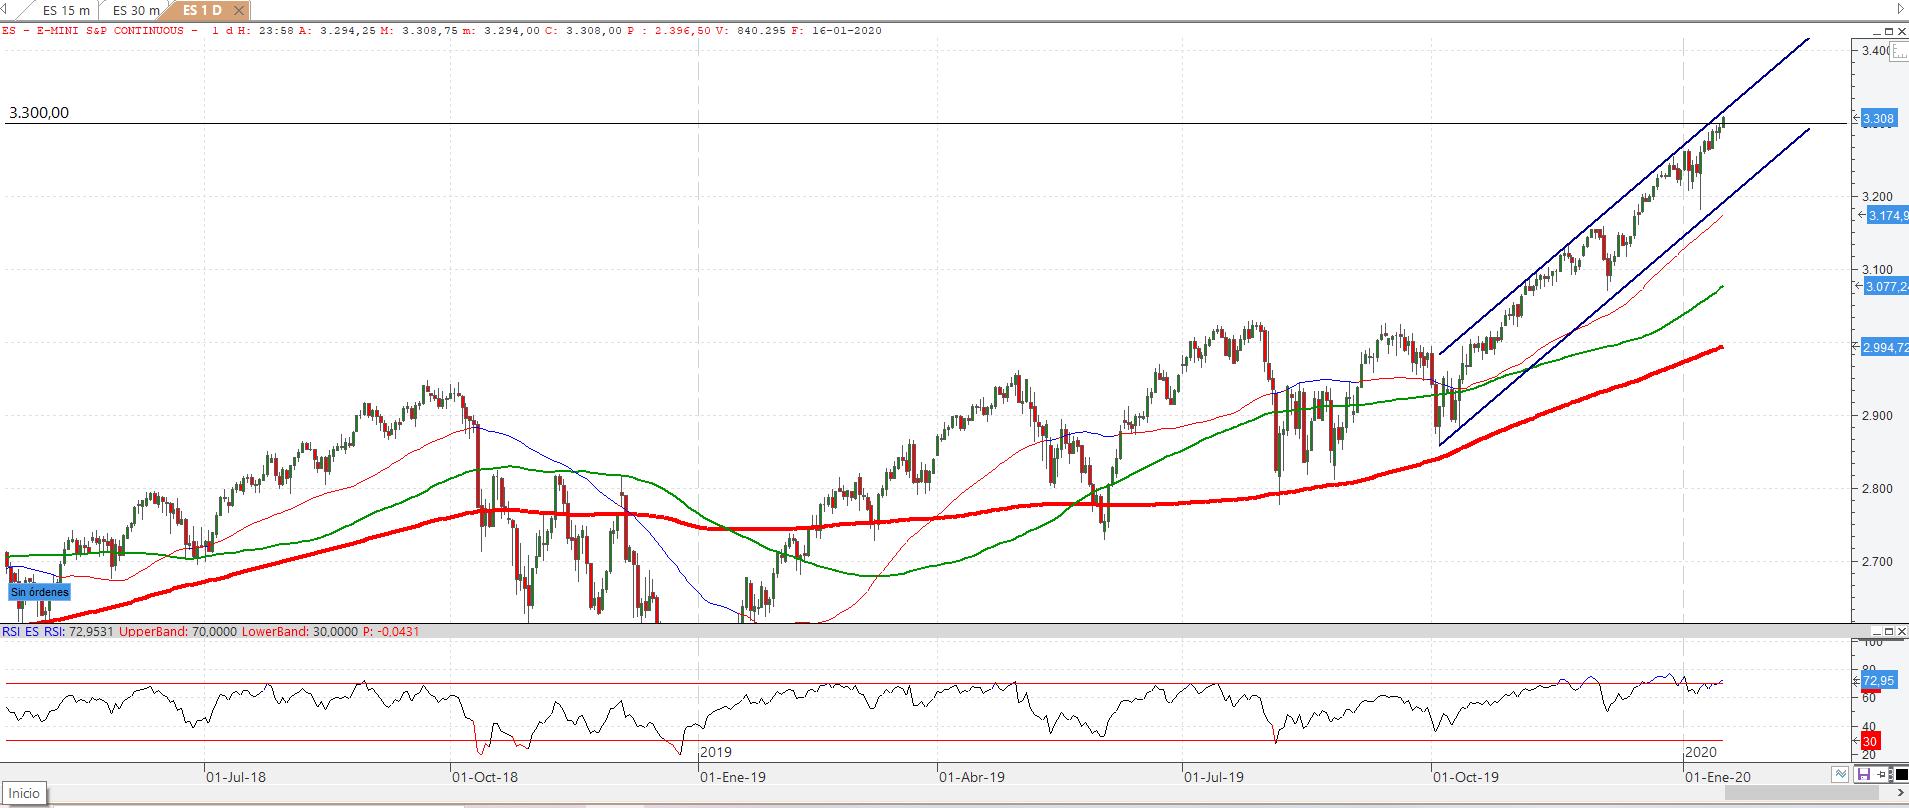 El futuro del S&P 500 continúa subiendo apoyado por Morgan Stanley